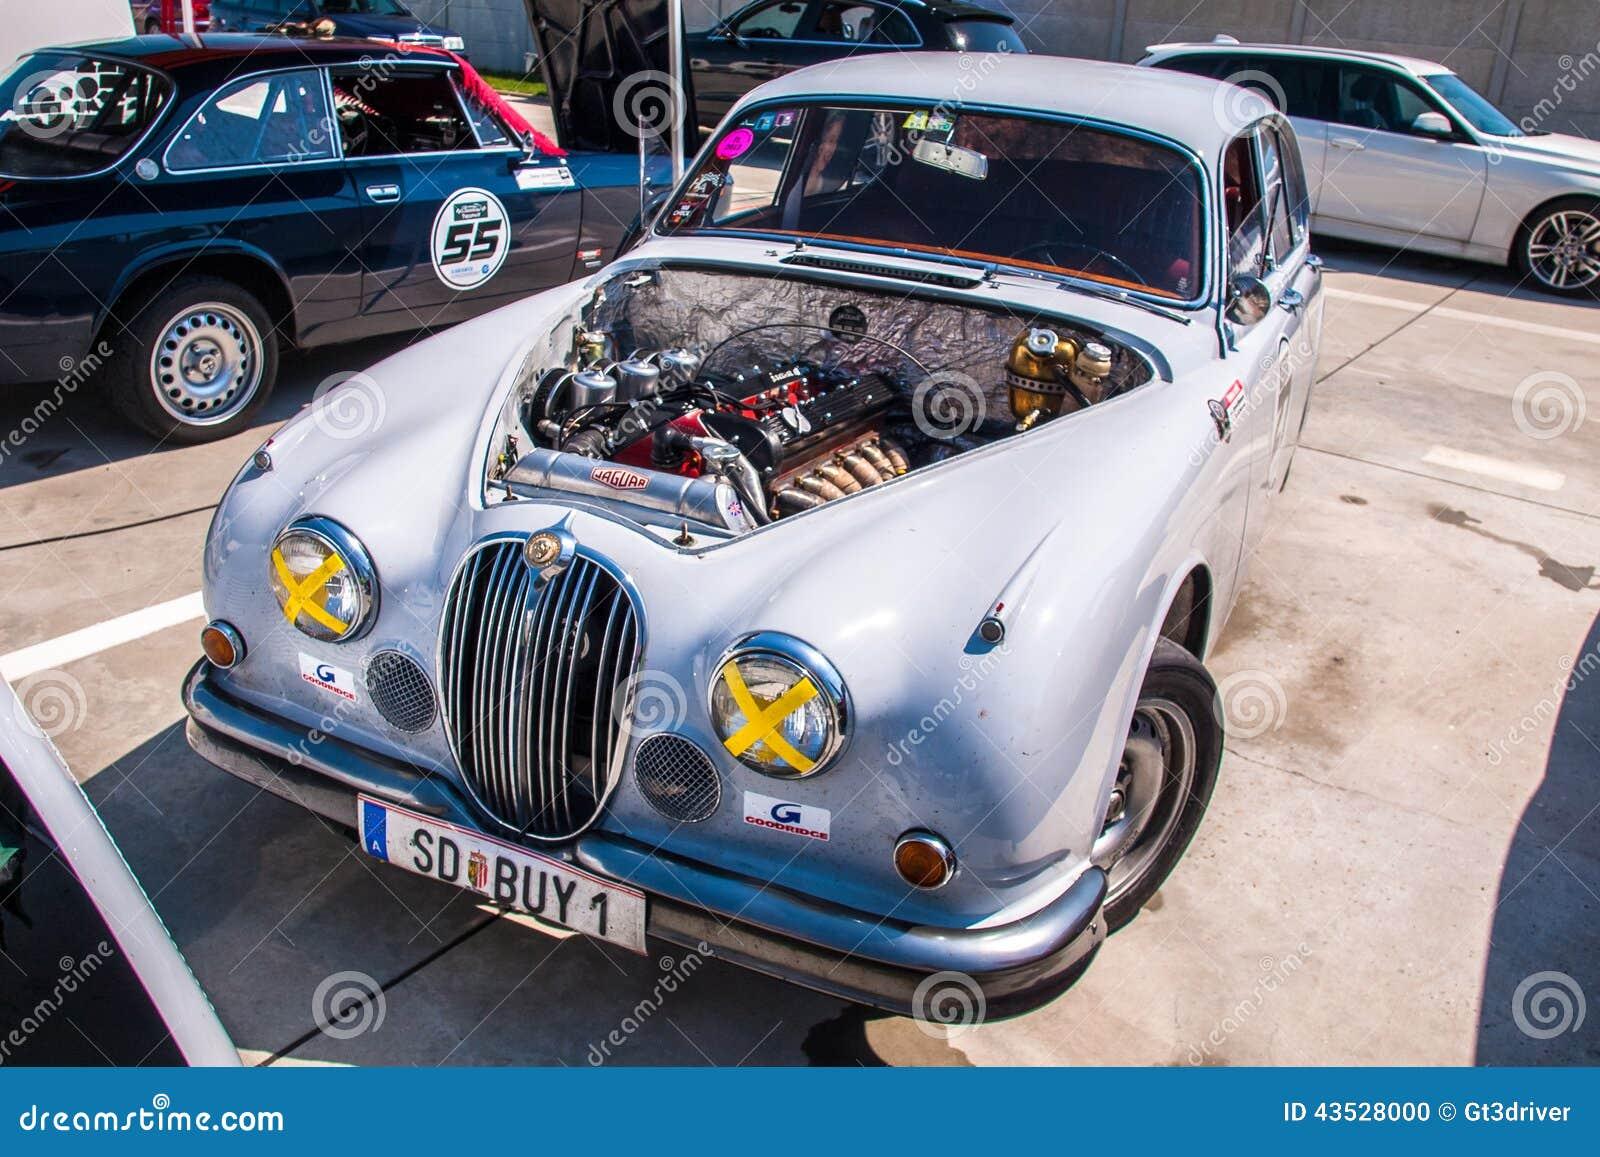 Jaguar Mkii Racing Car Editorial Image Image Of Audi 43528000